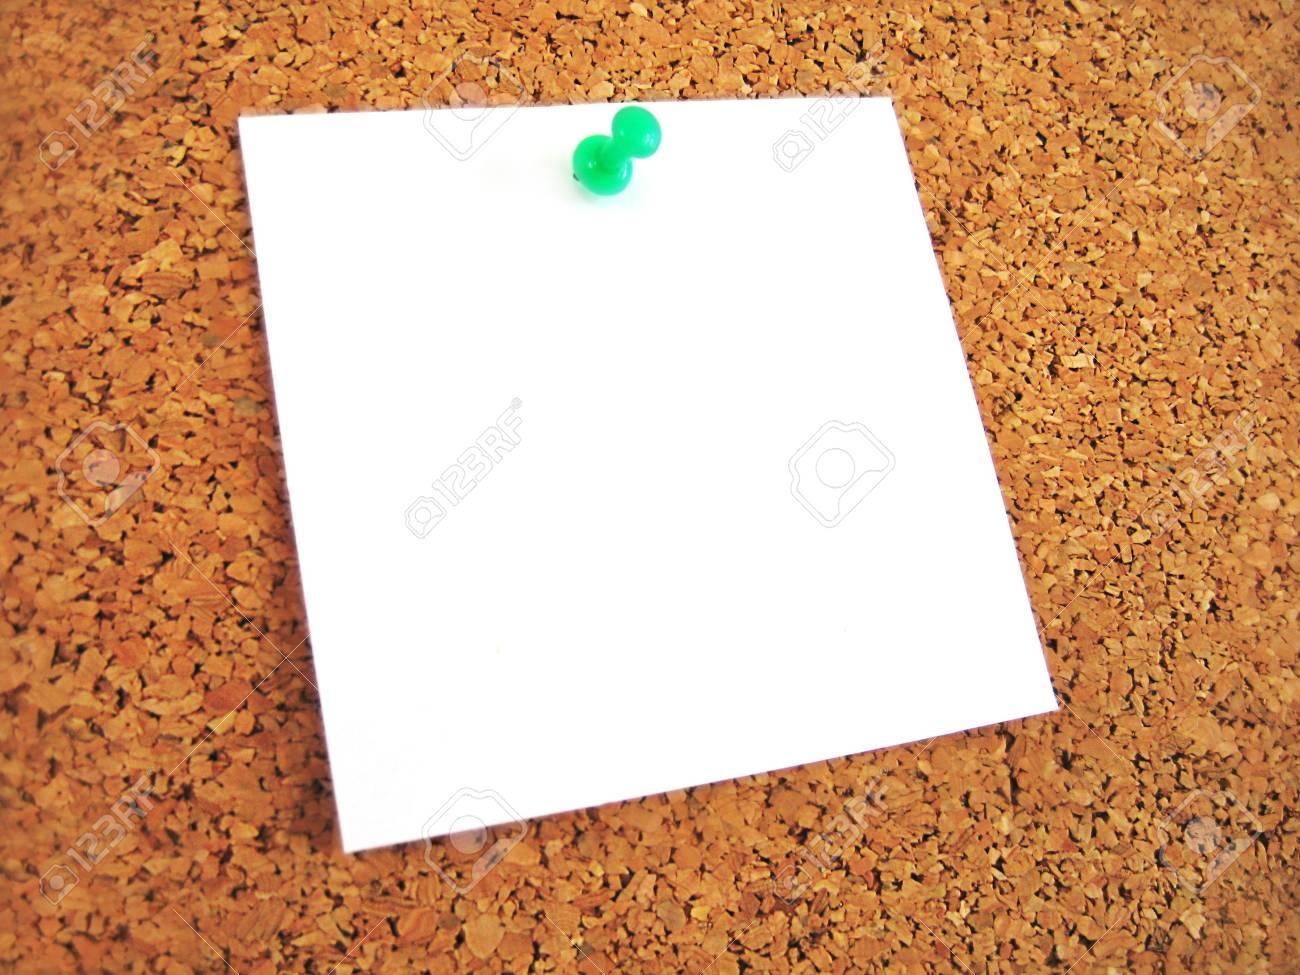 Weiße Leere Notiz Pined Zu Kork Bord Lizenzfreie Fotos, Bilder Und ...